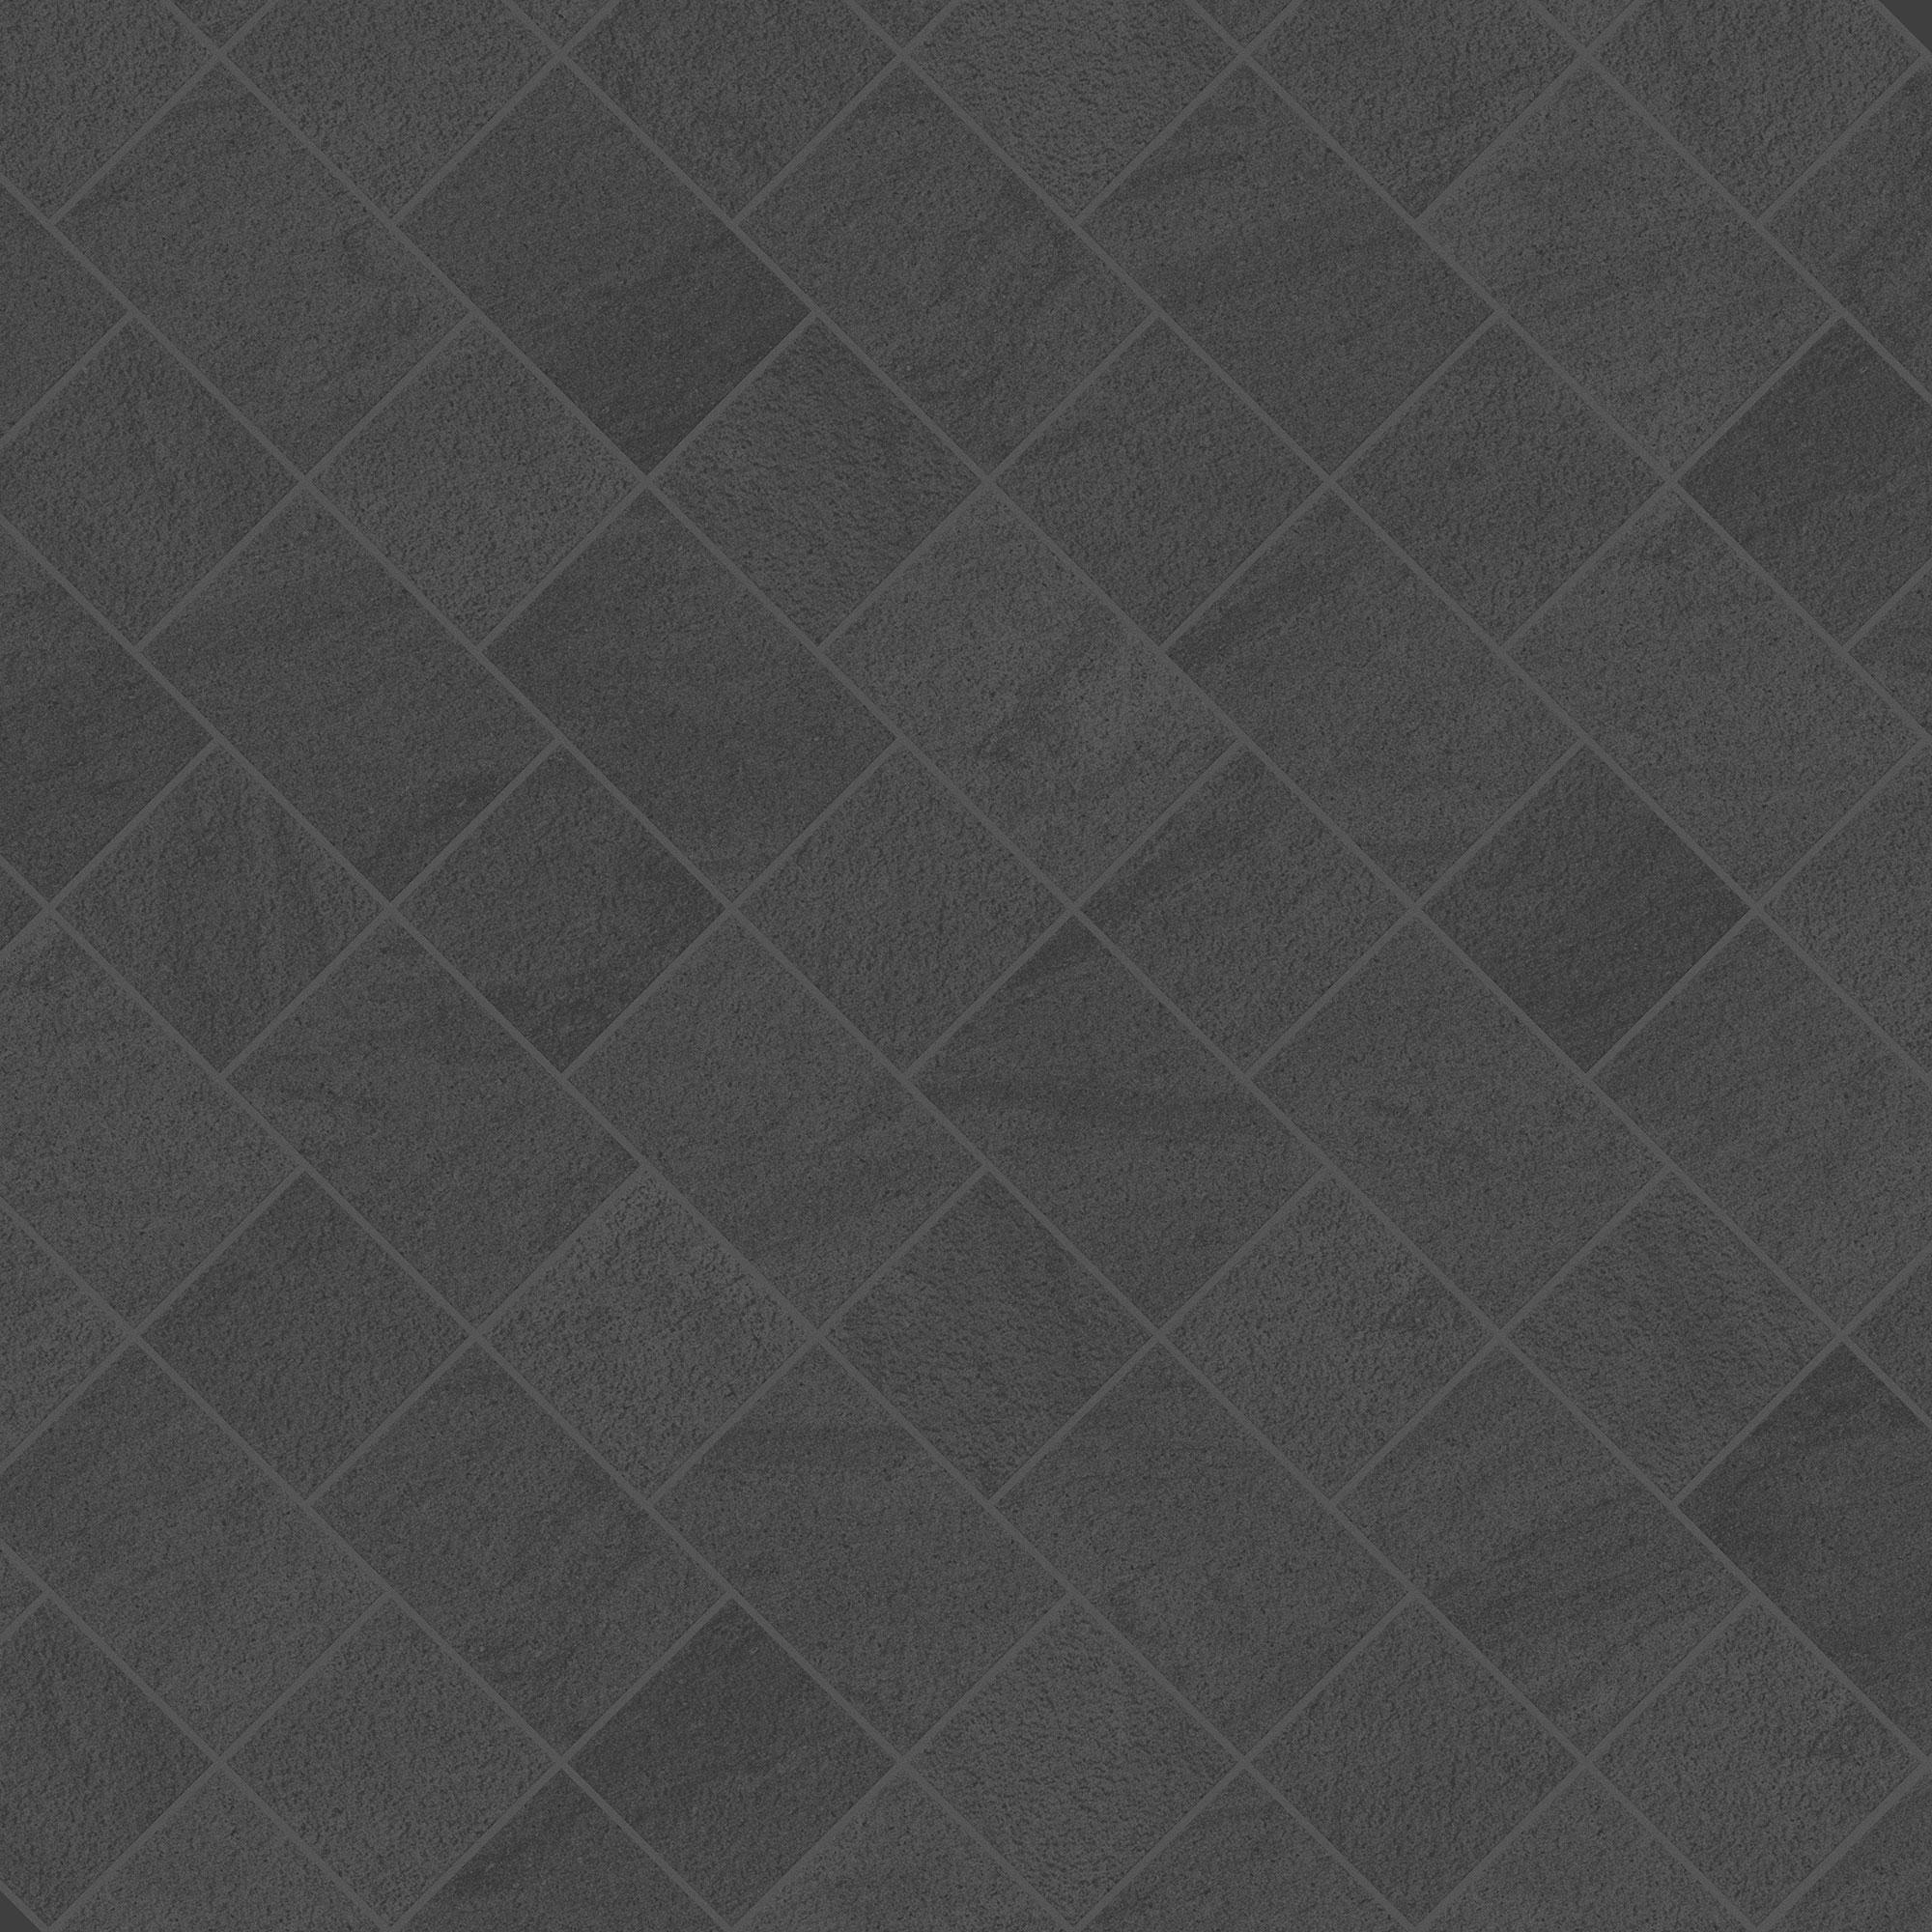 panel aran black - Arán